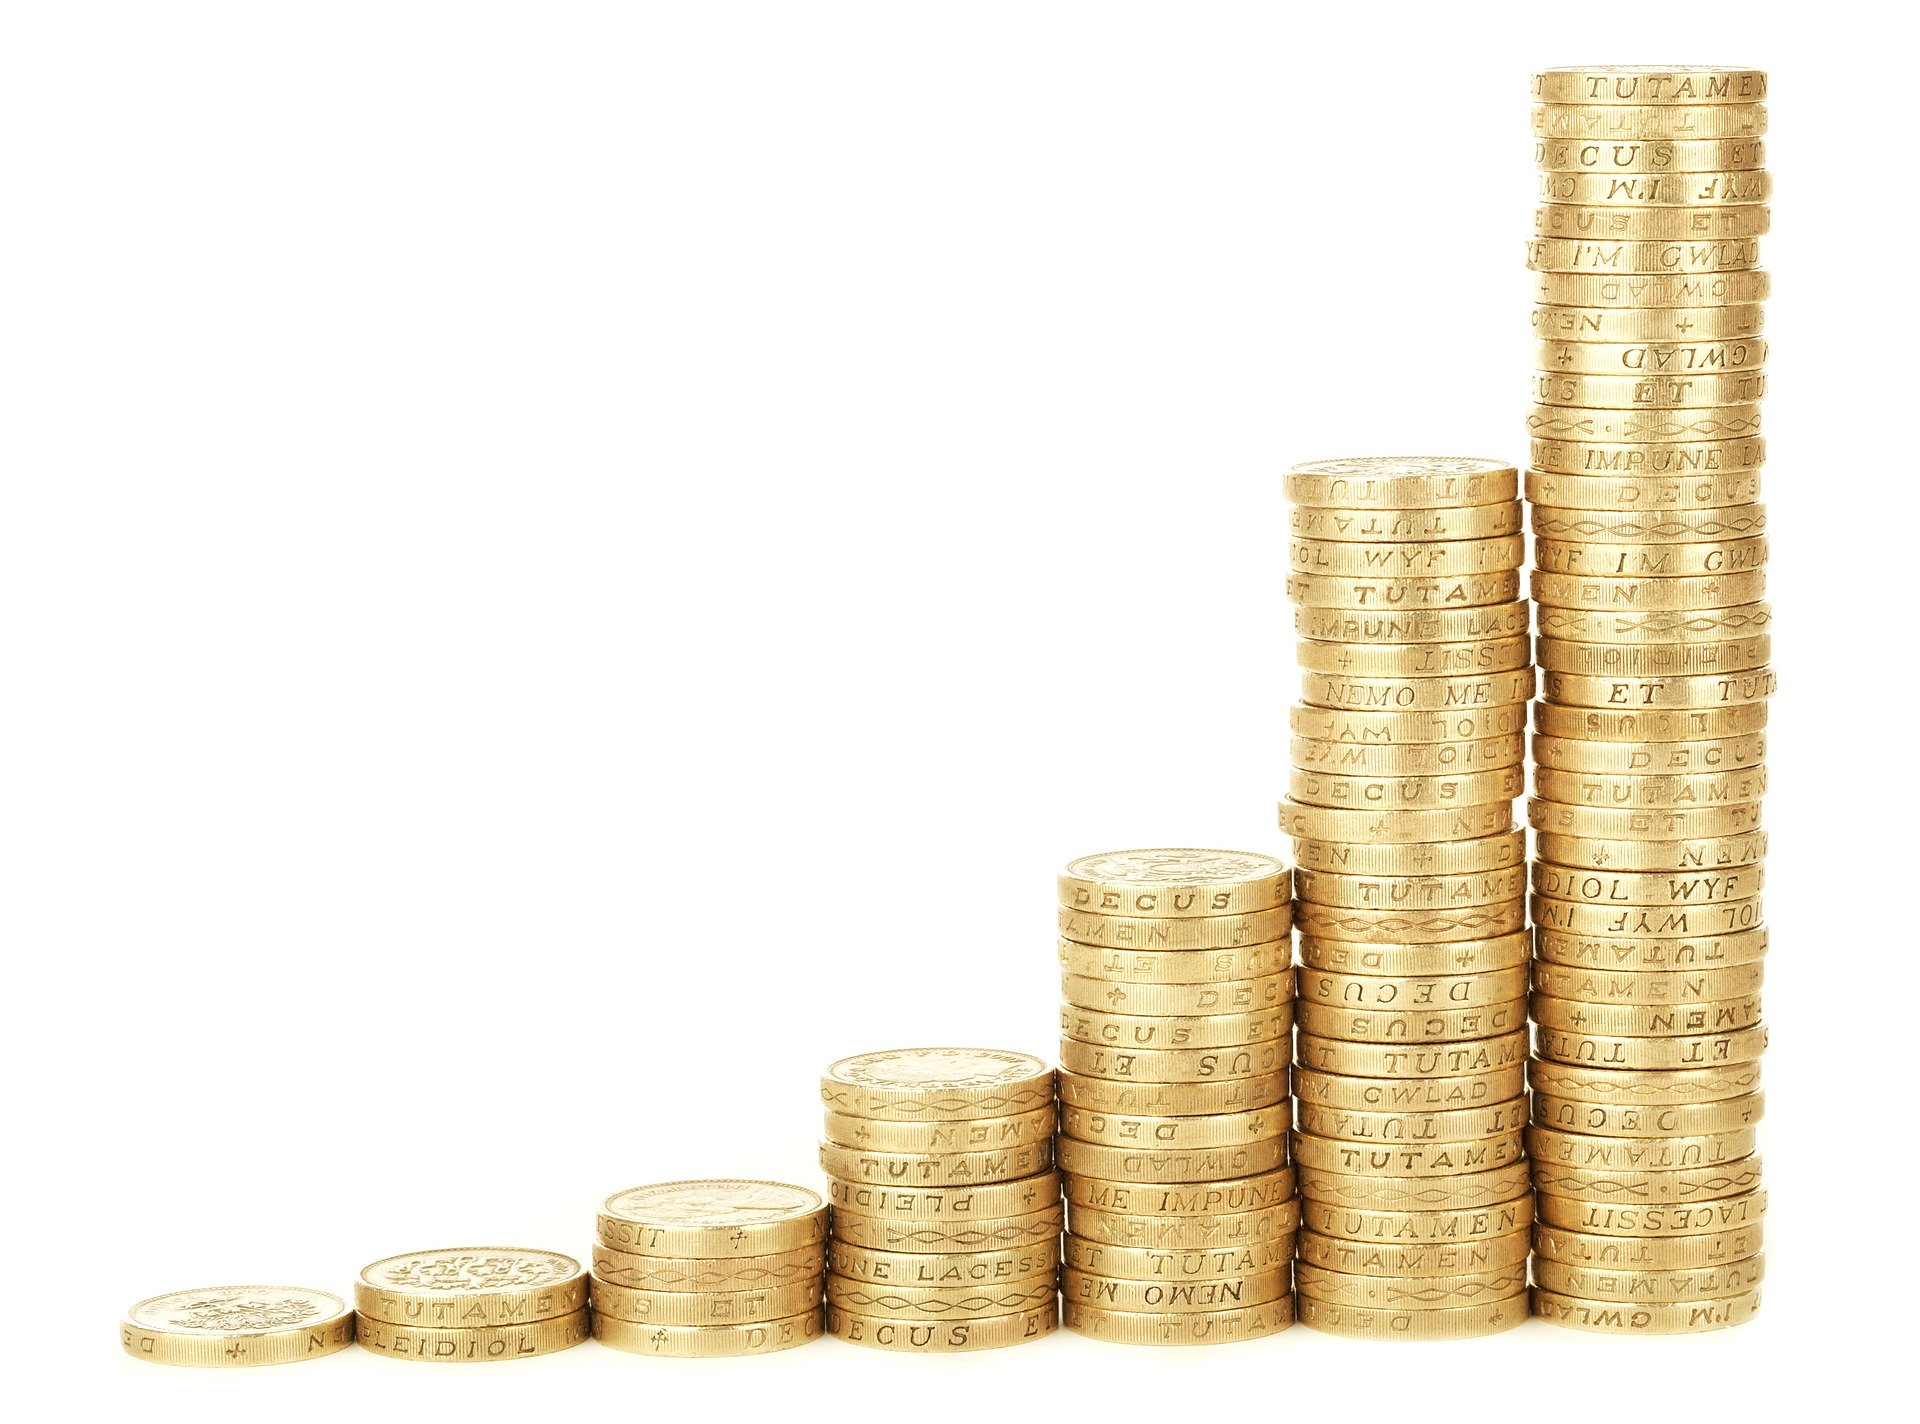 Díky nebankovní hypotéce dostane peníze rychle